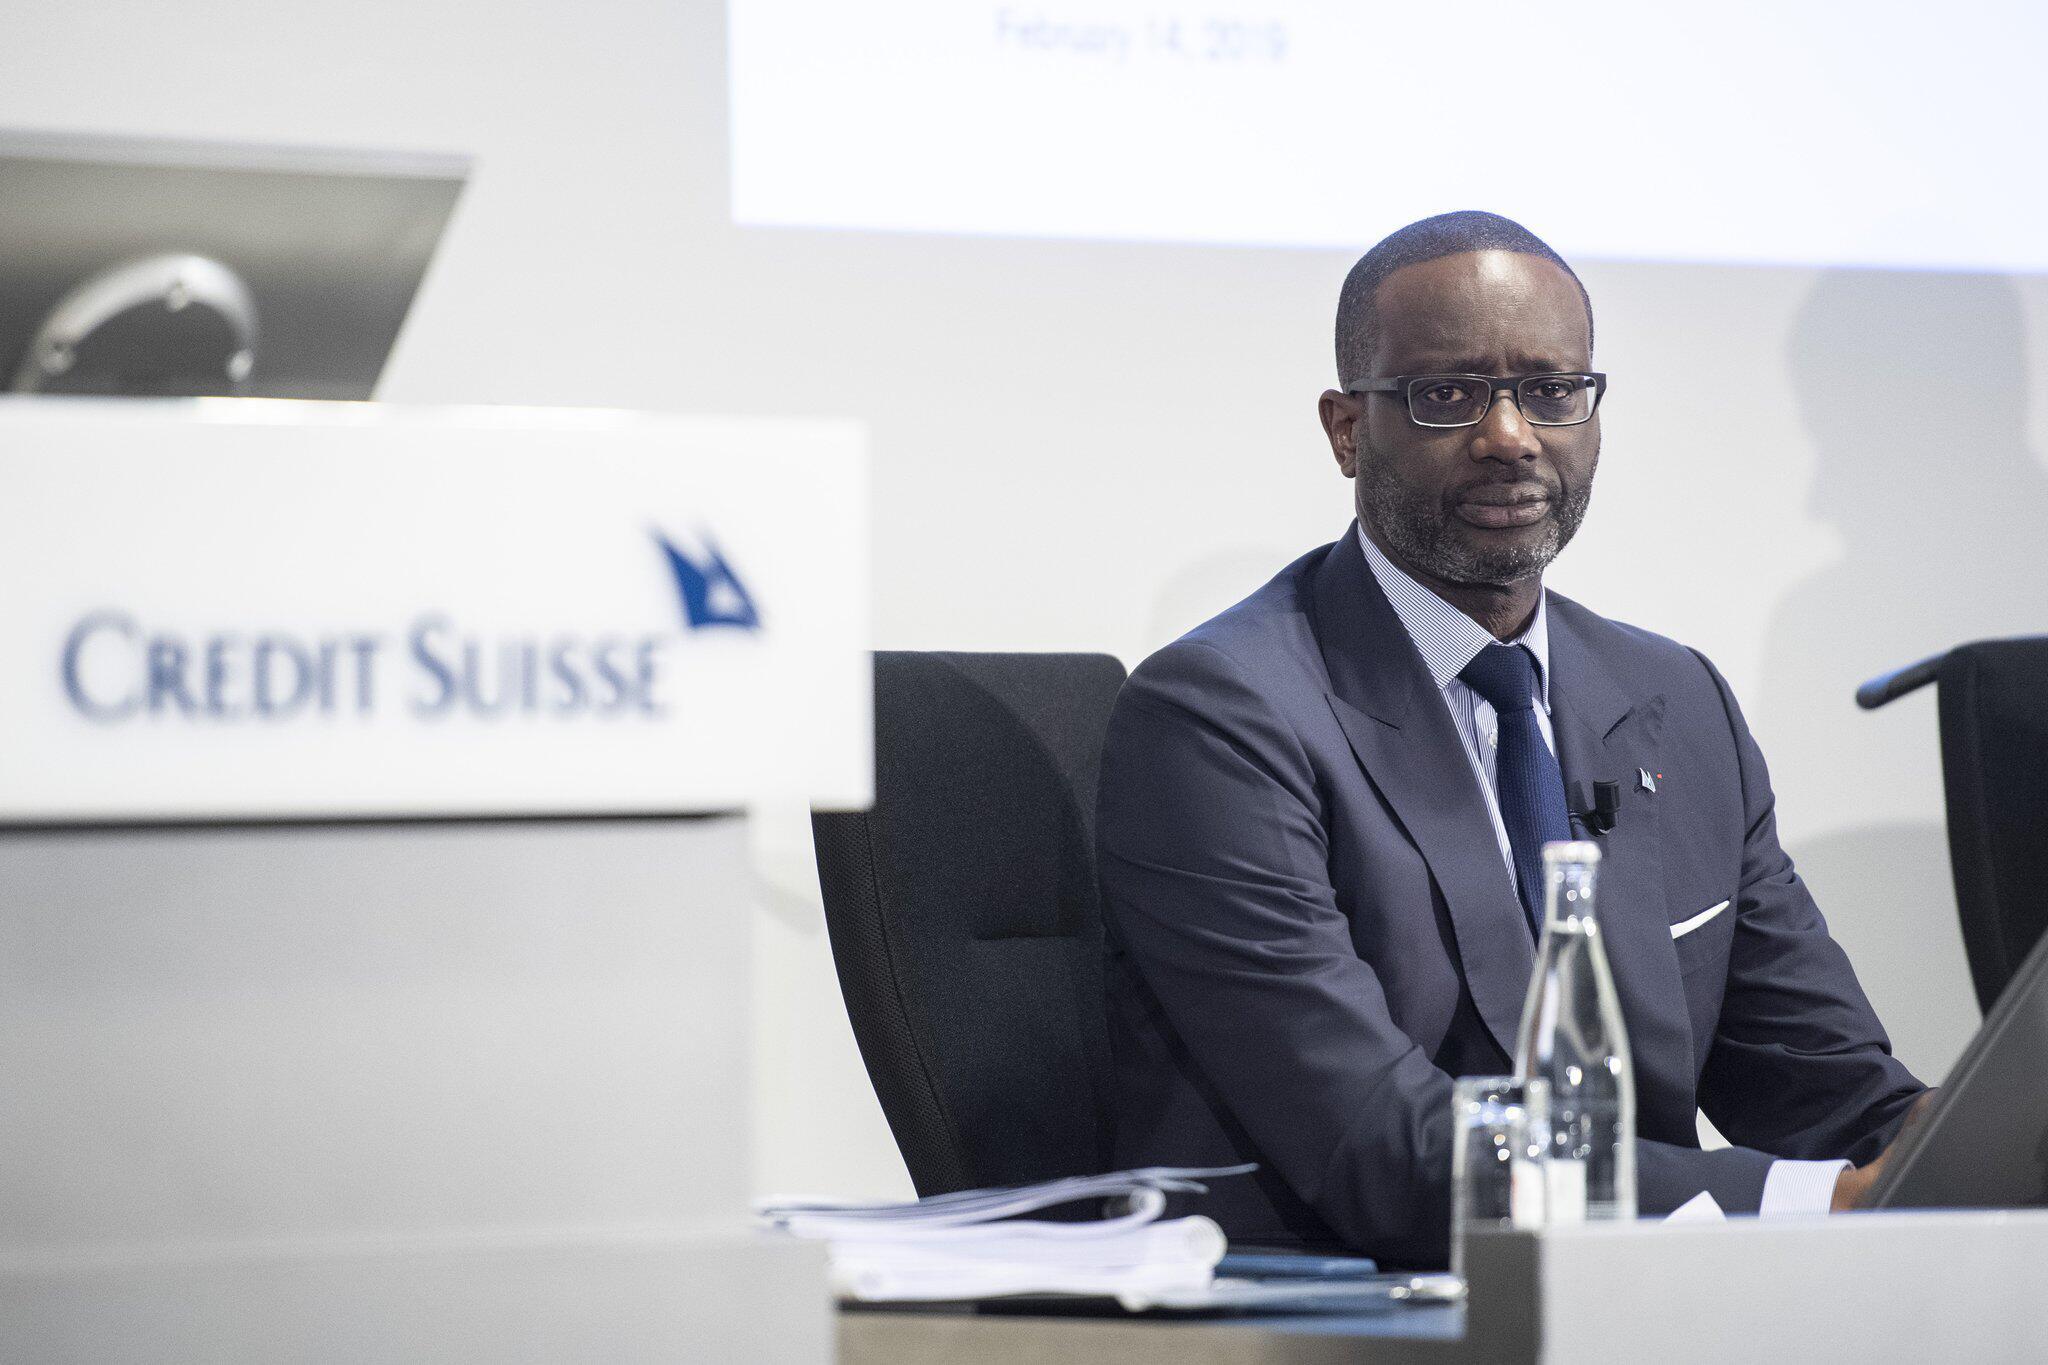 Bild zu Bilanzpressekonferenz, Pressekonferenz, Credit Suisse, Tidjane Thiam, CEO, Zürich, Wirtschaft, Bank